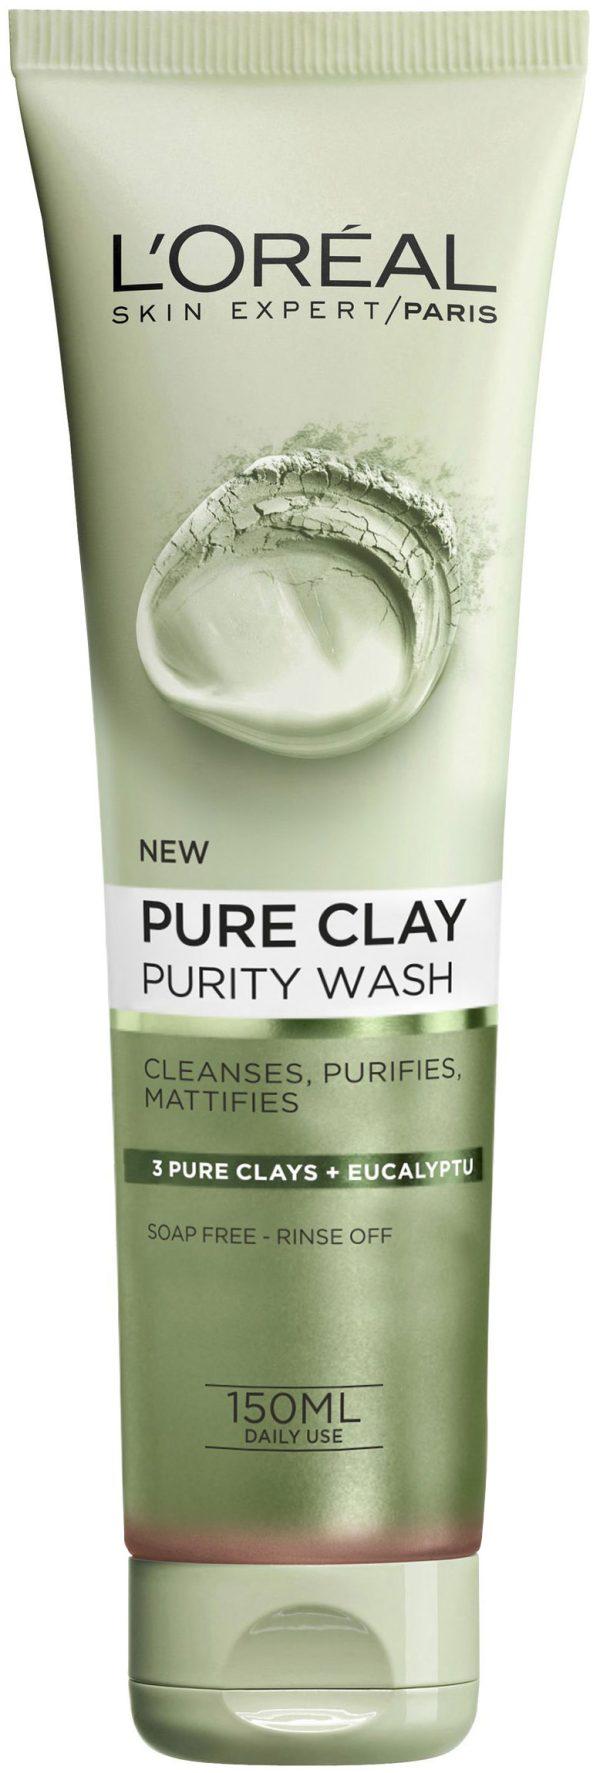 תרחיץ פנים ירוק 150 מ״ל Pure Clay Purity Wash 3 Pure Clays +Eucalyptu